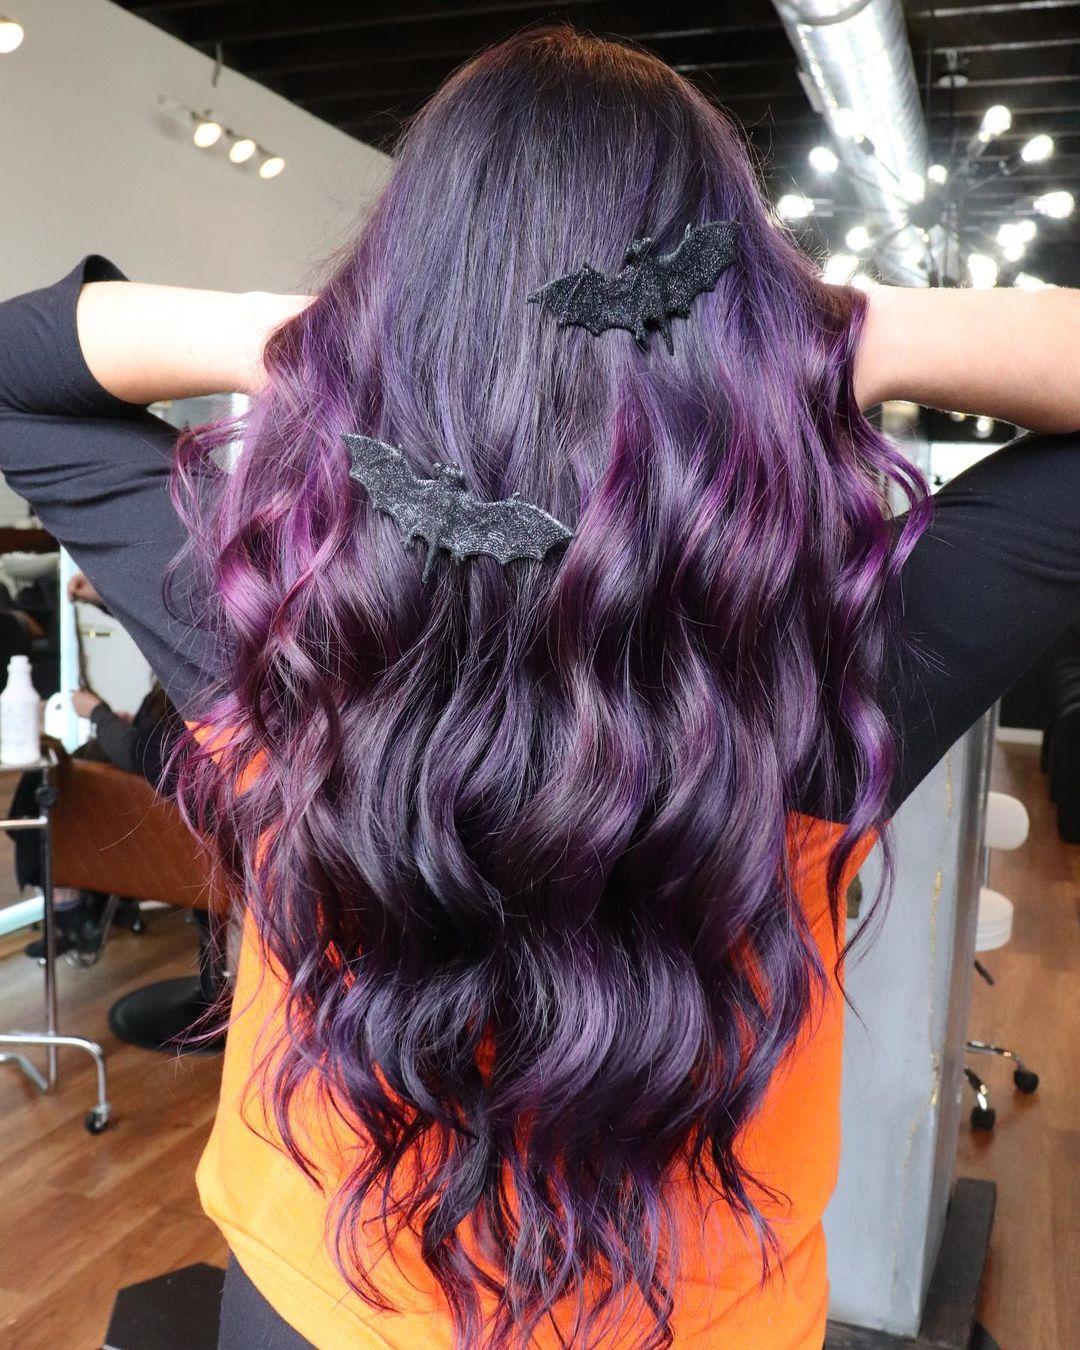 lunghi viola mossi